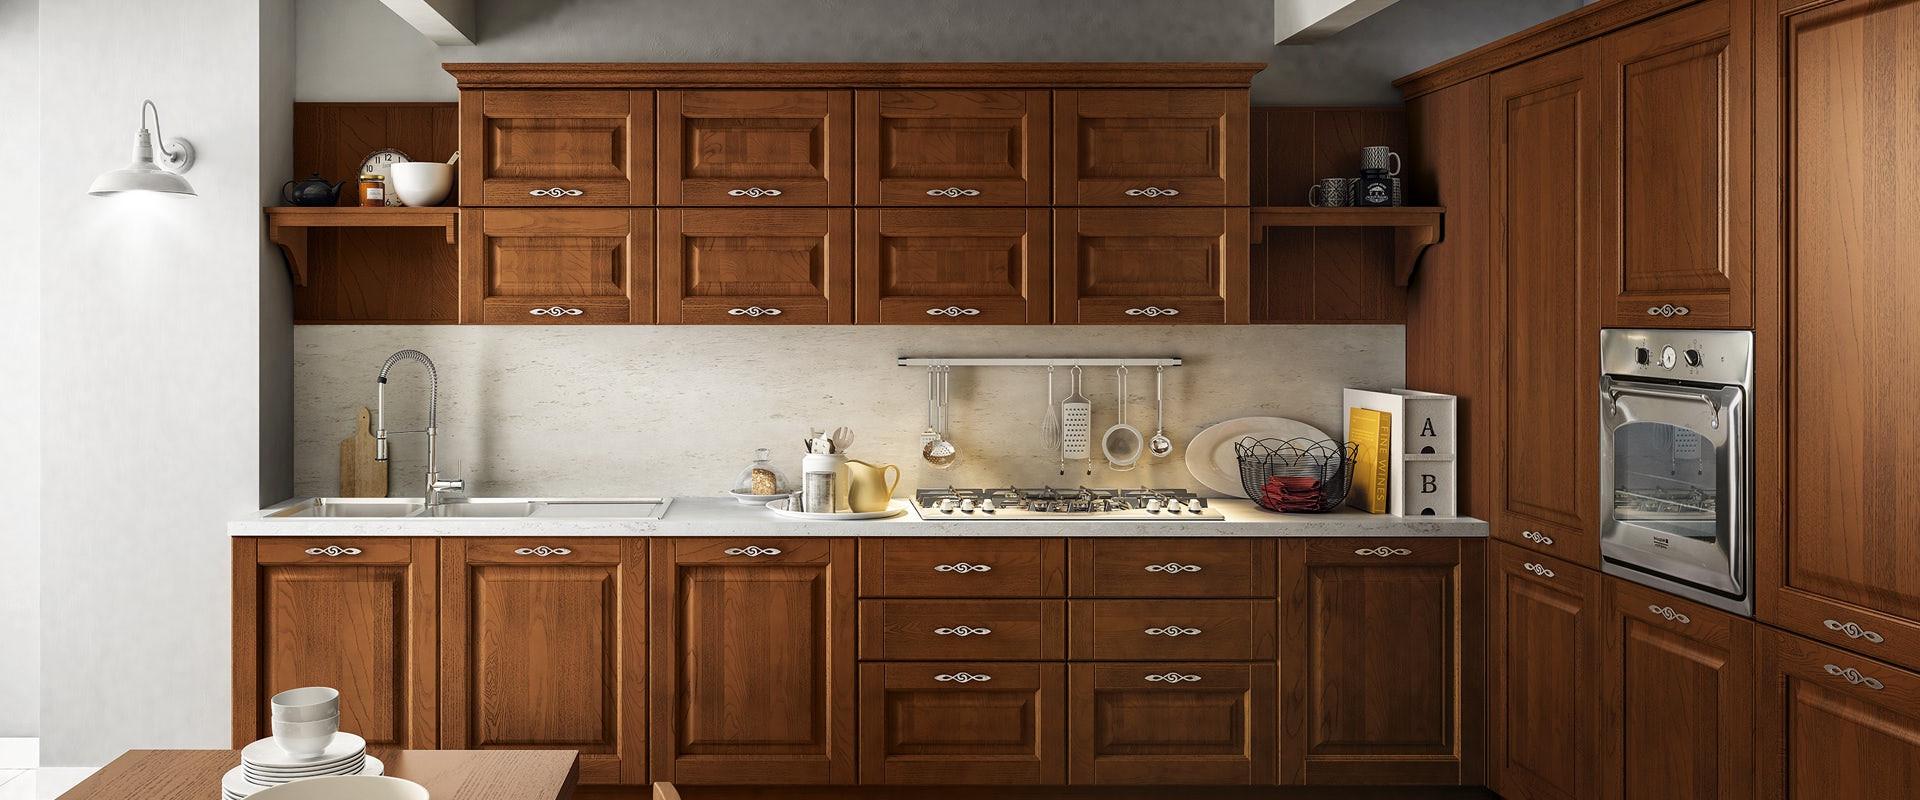 stosa-cucine-classiche-saturnia-216.jpg